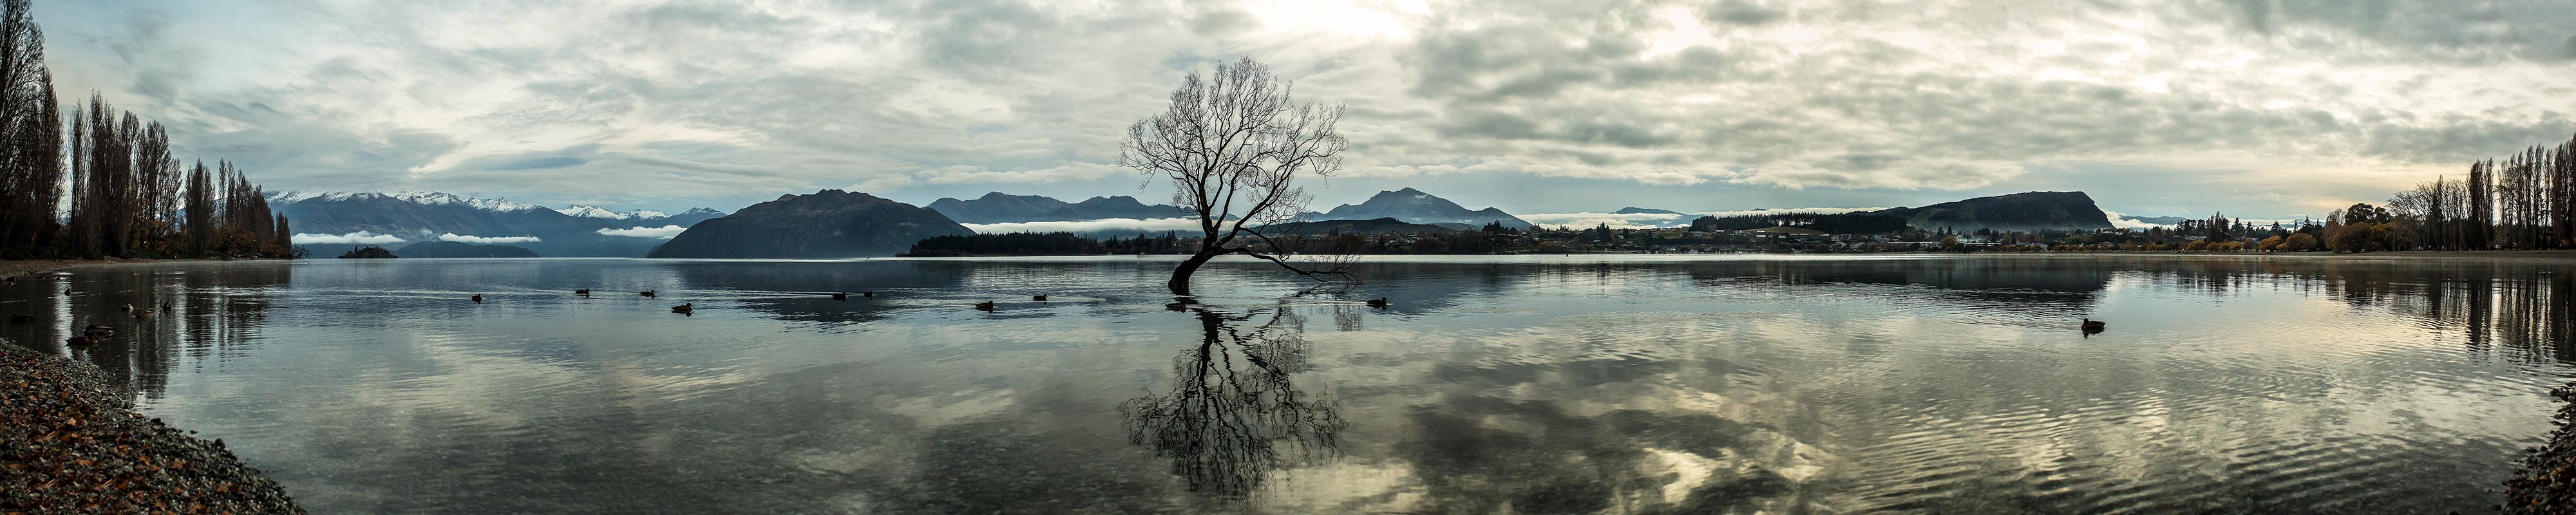 Morning Serenity at Lake Wanaka